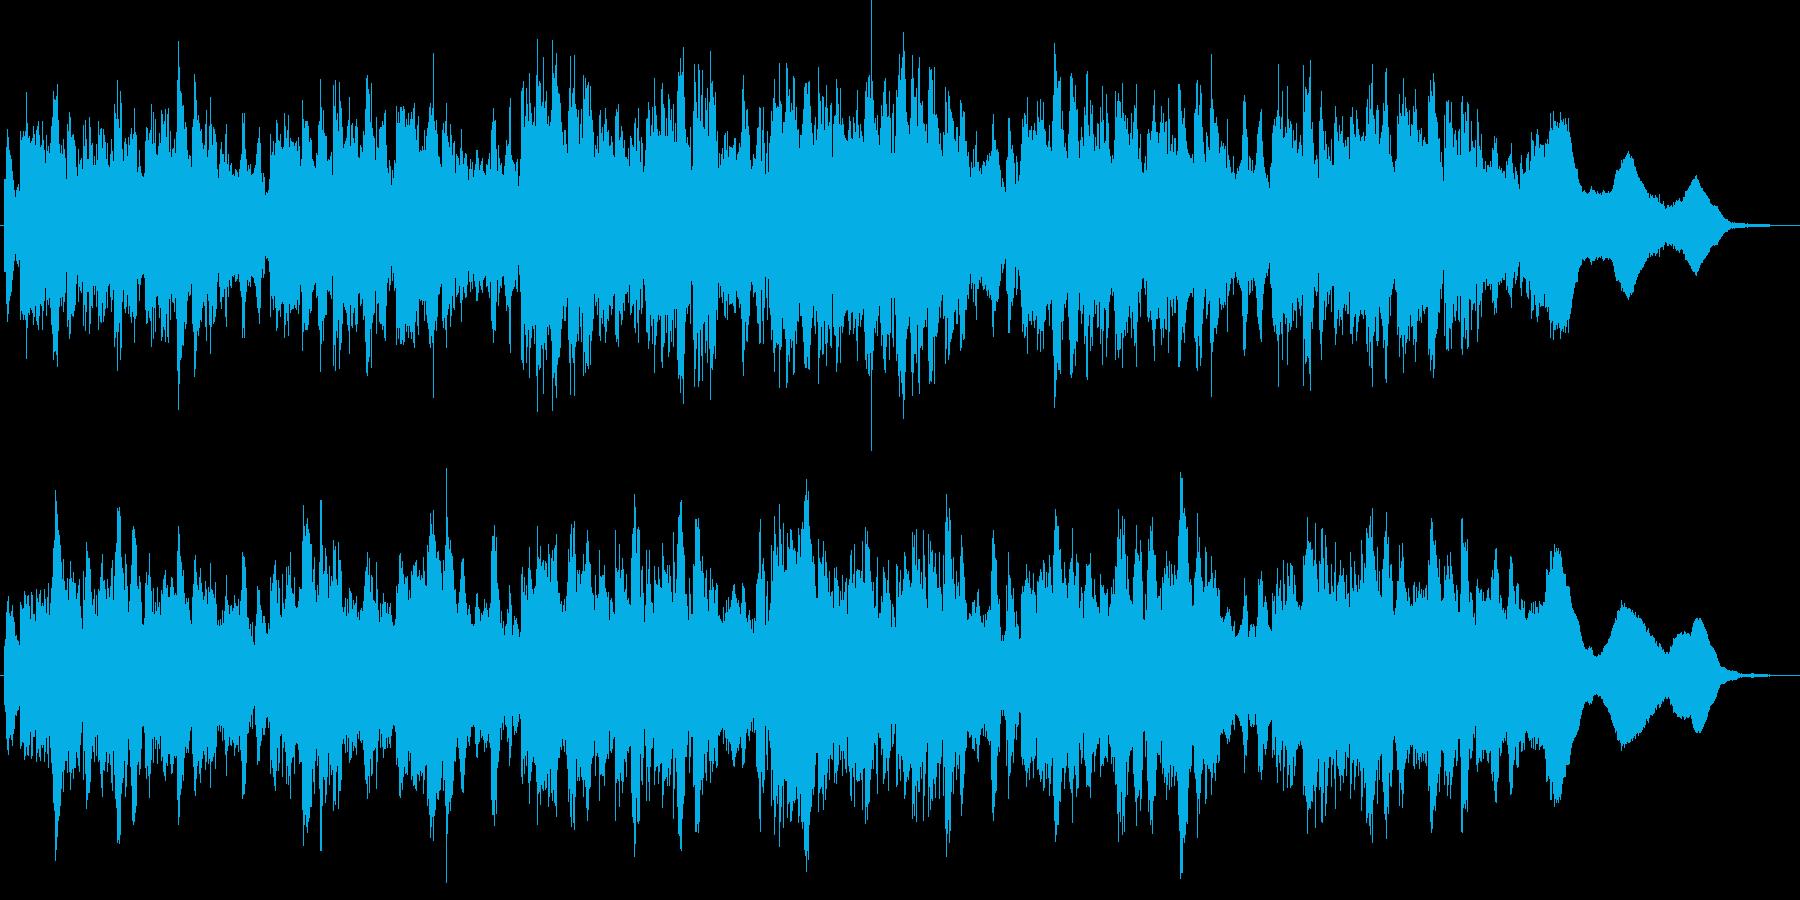 神秘的な雰囲気の怪しげなジングルの再生済みの波形